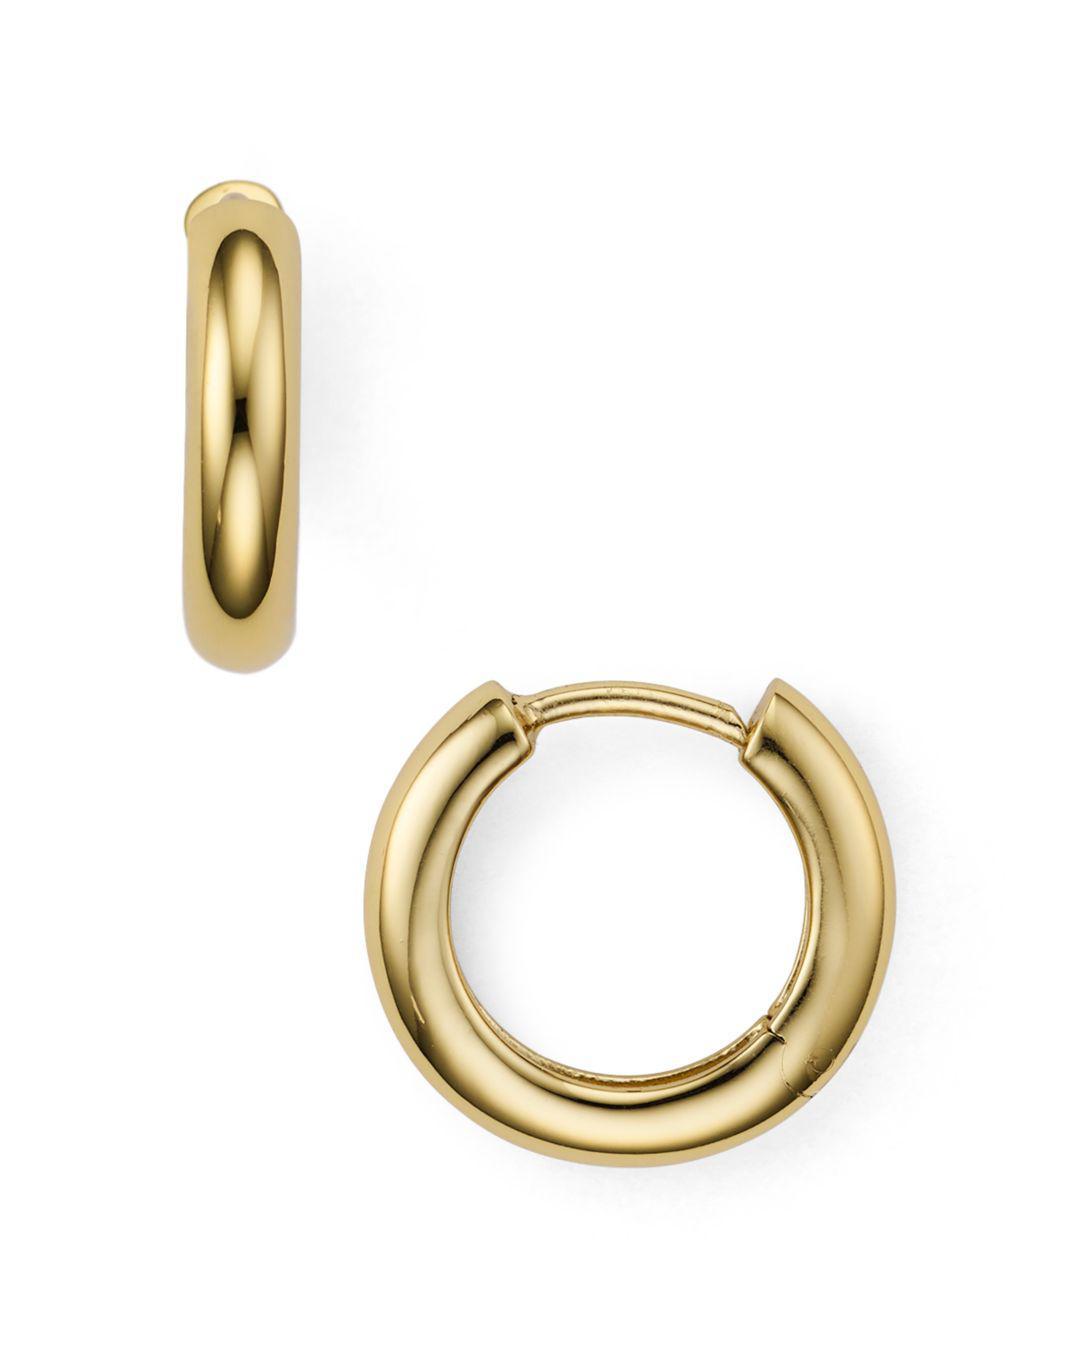 Lyst Argento Vivo Huggie Hoop Earrings In 14k Gold Plated Sterling